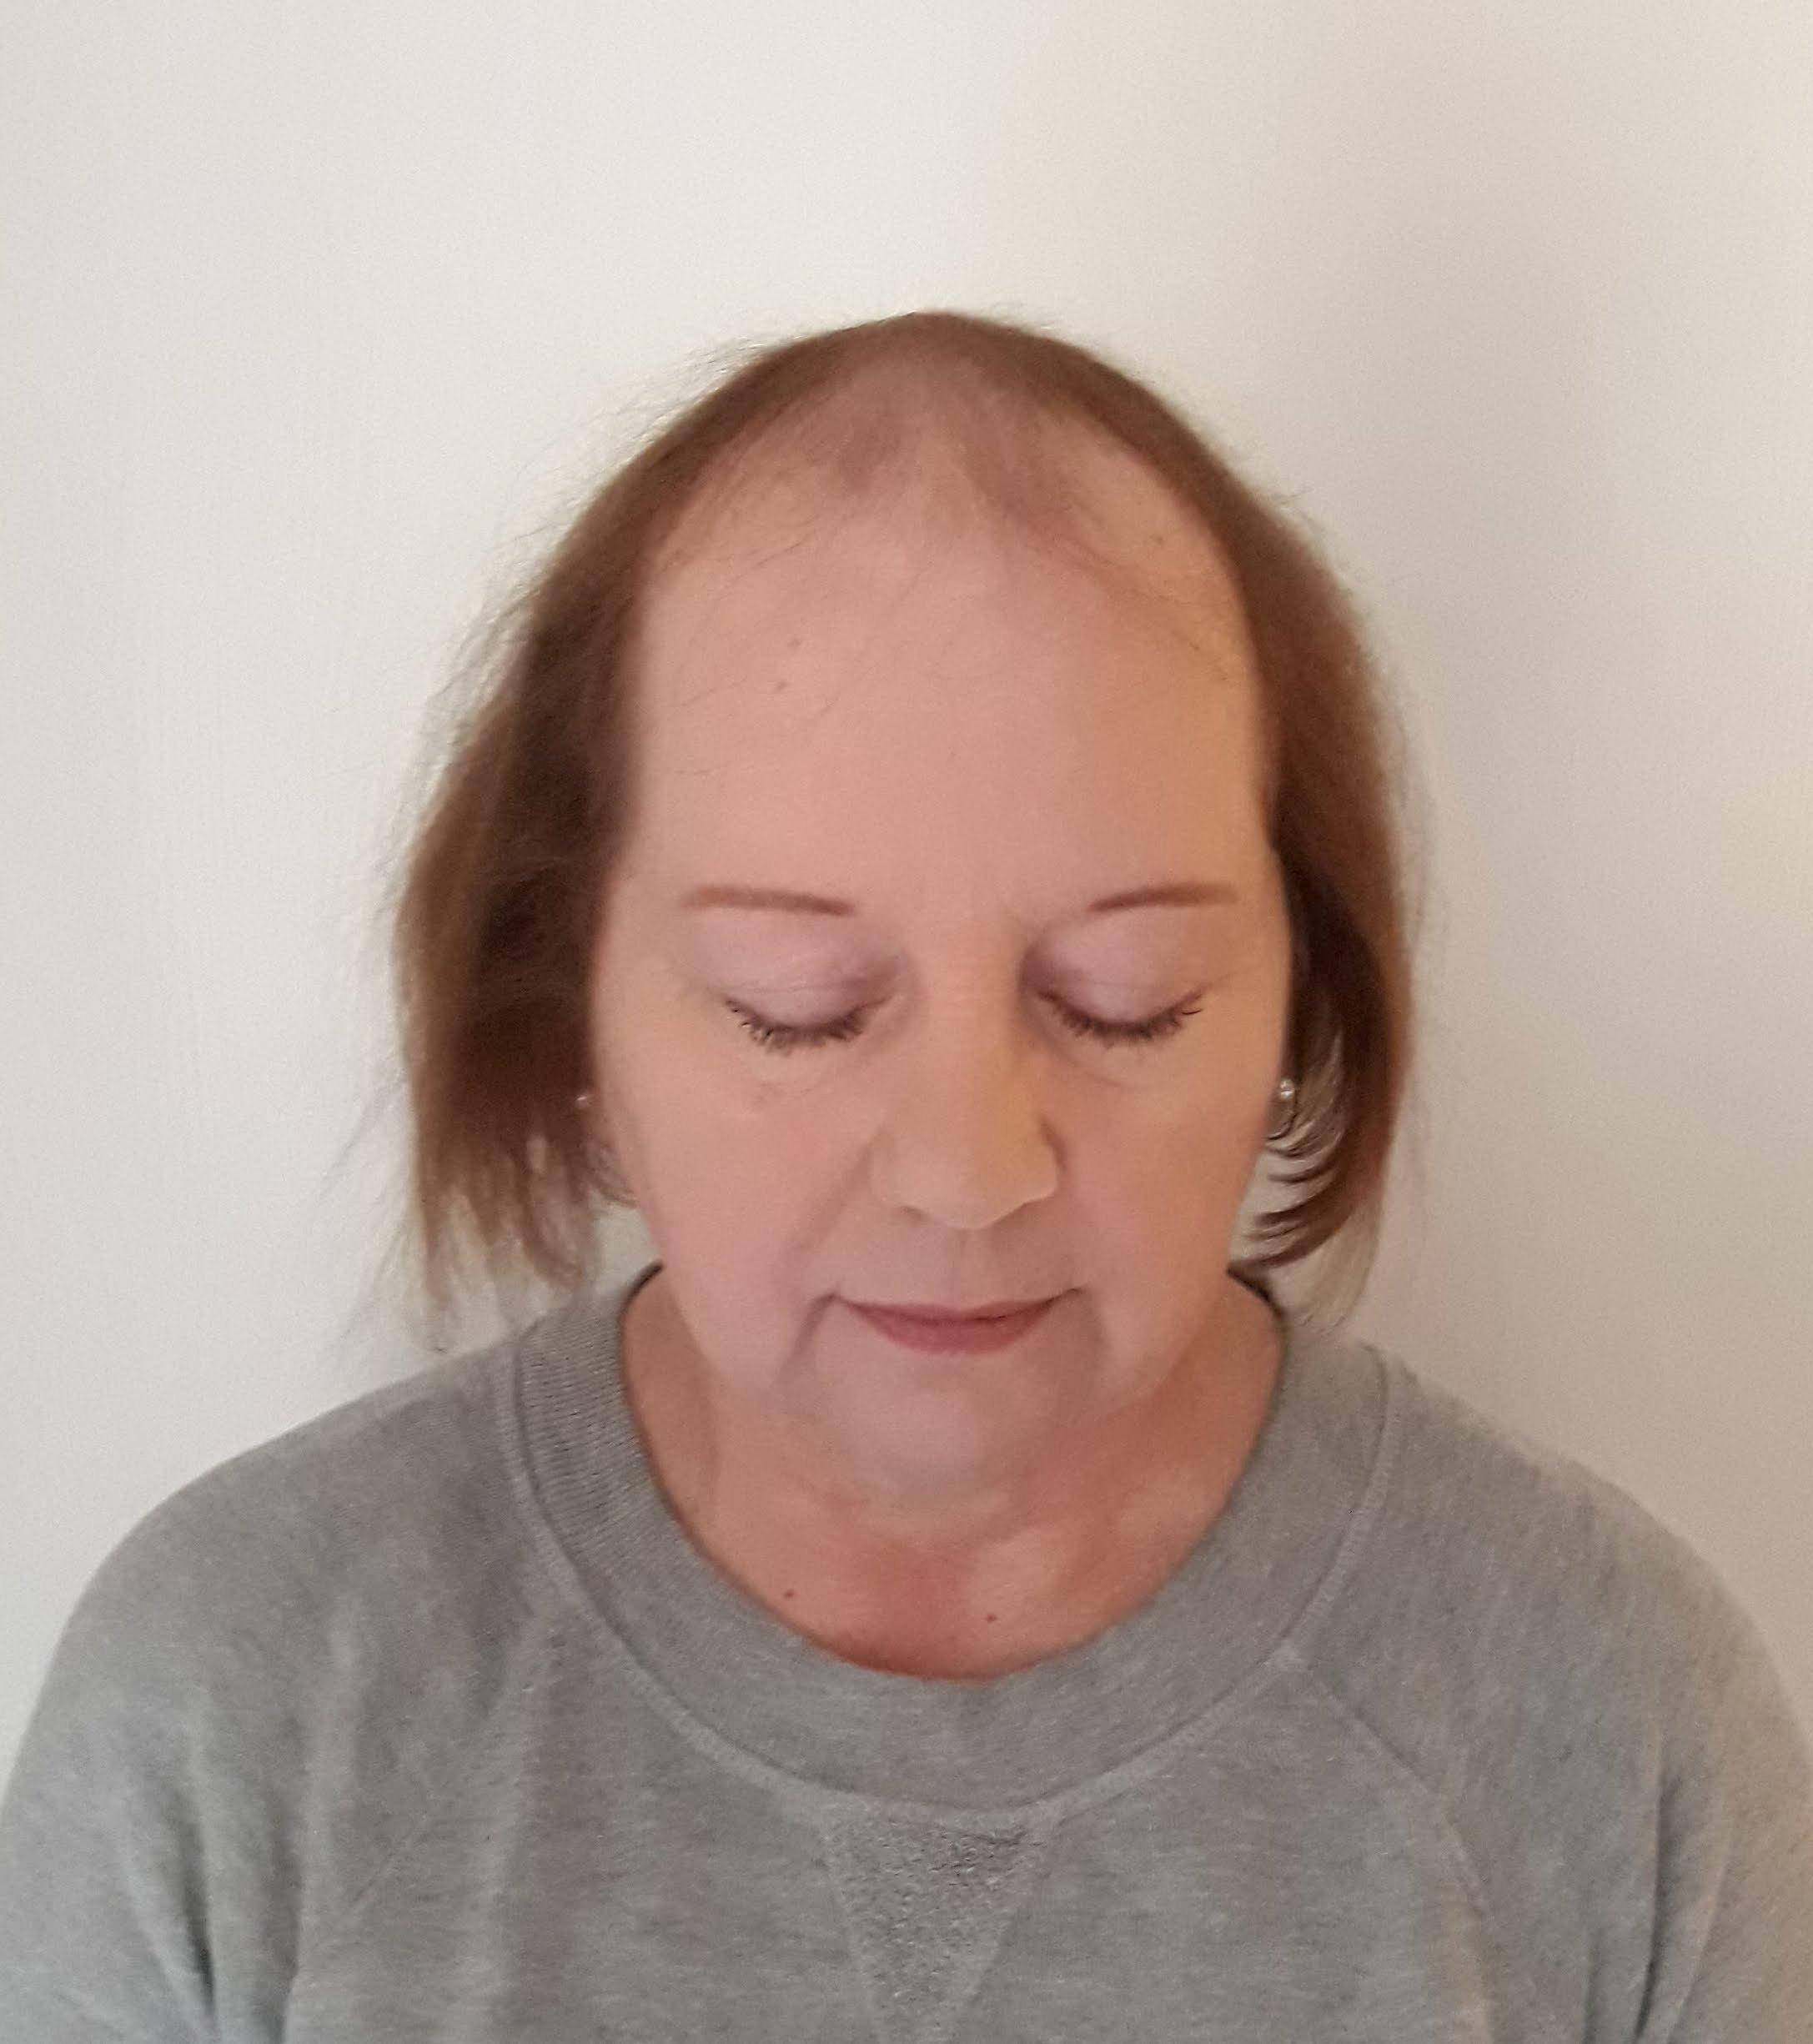 Bald hair loss women